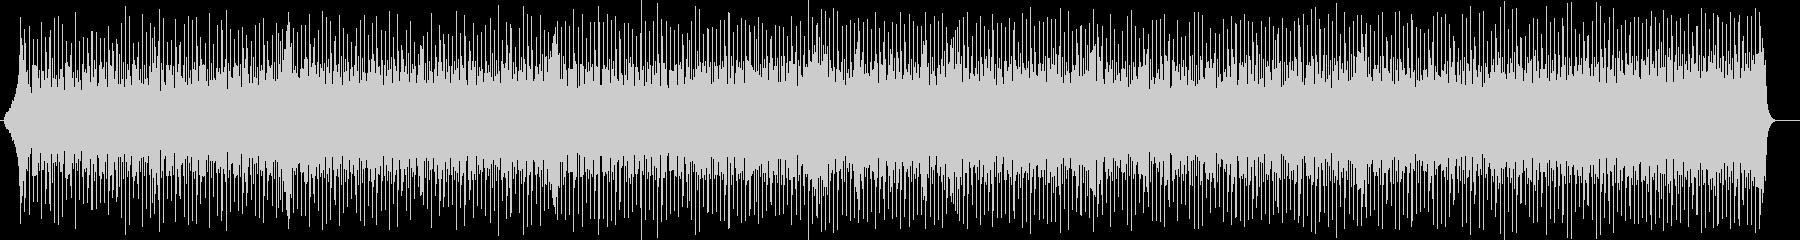 スタイリッシュなデジタルサウンドの未再生の波形